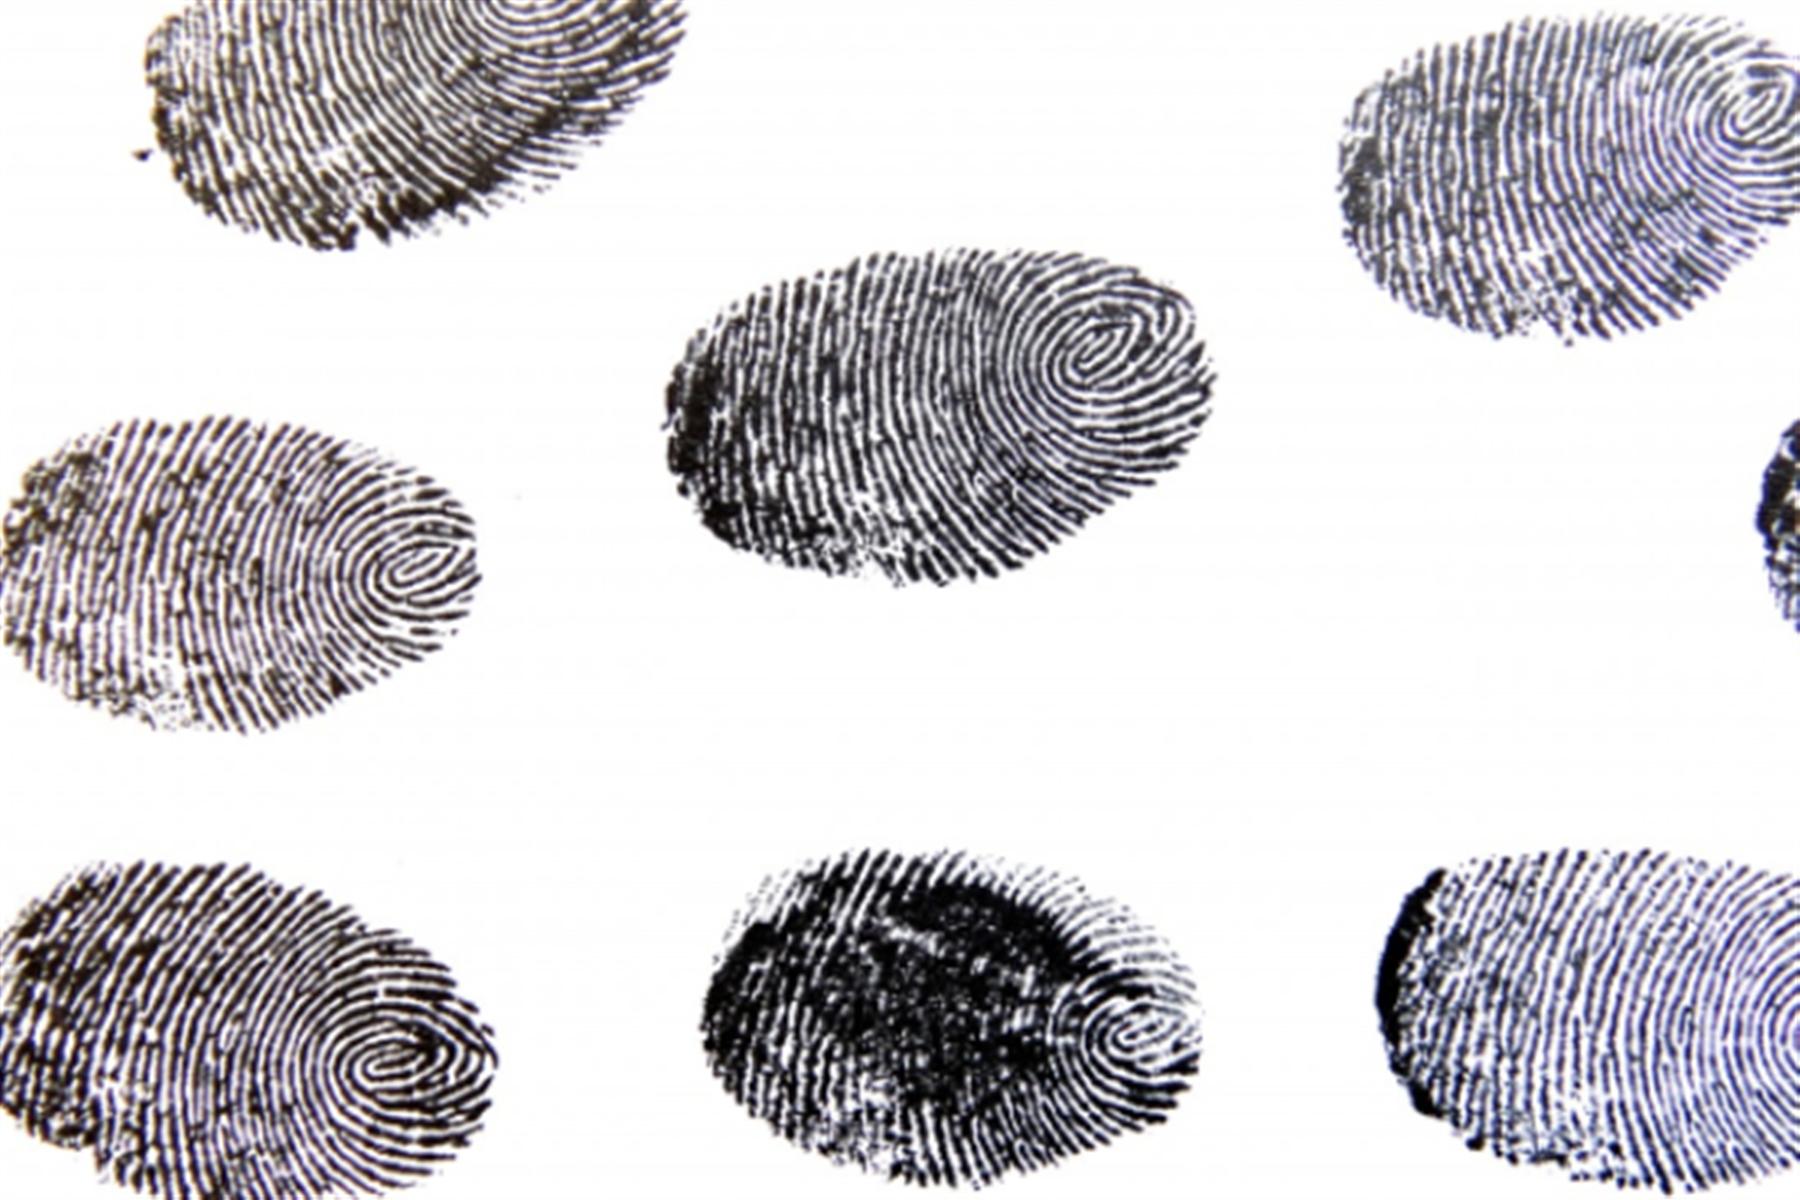 5分钟实现指纹成像检测 新材料促进技术进步